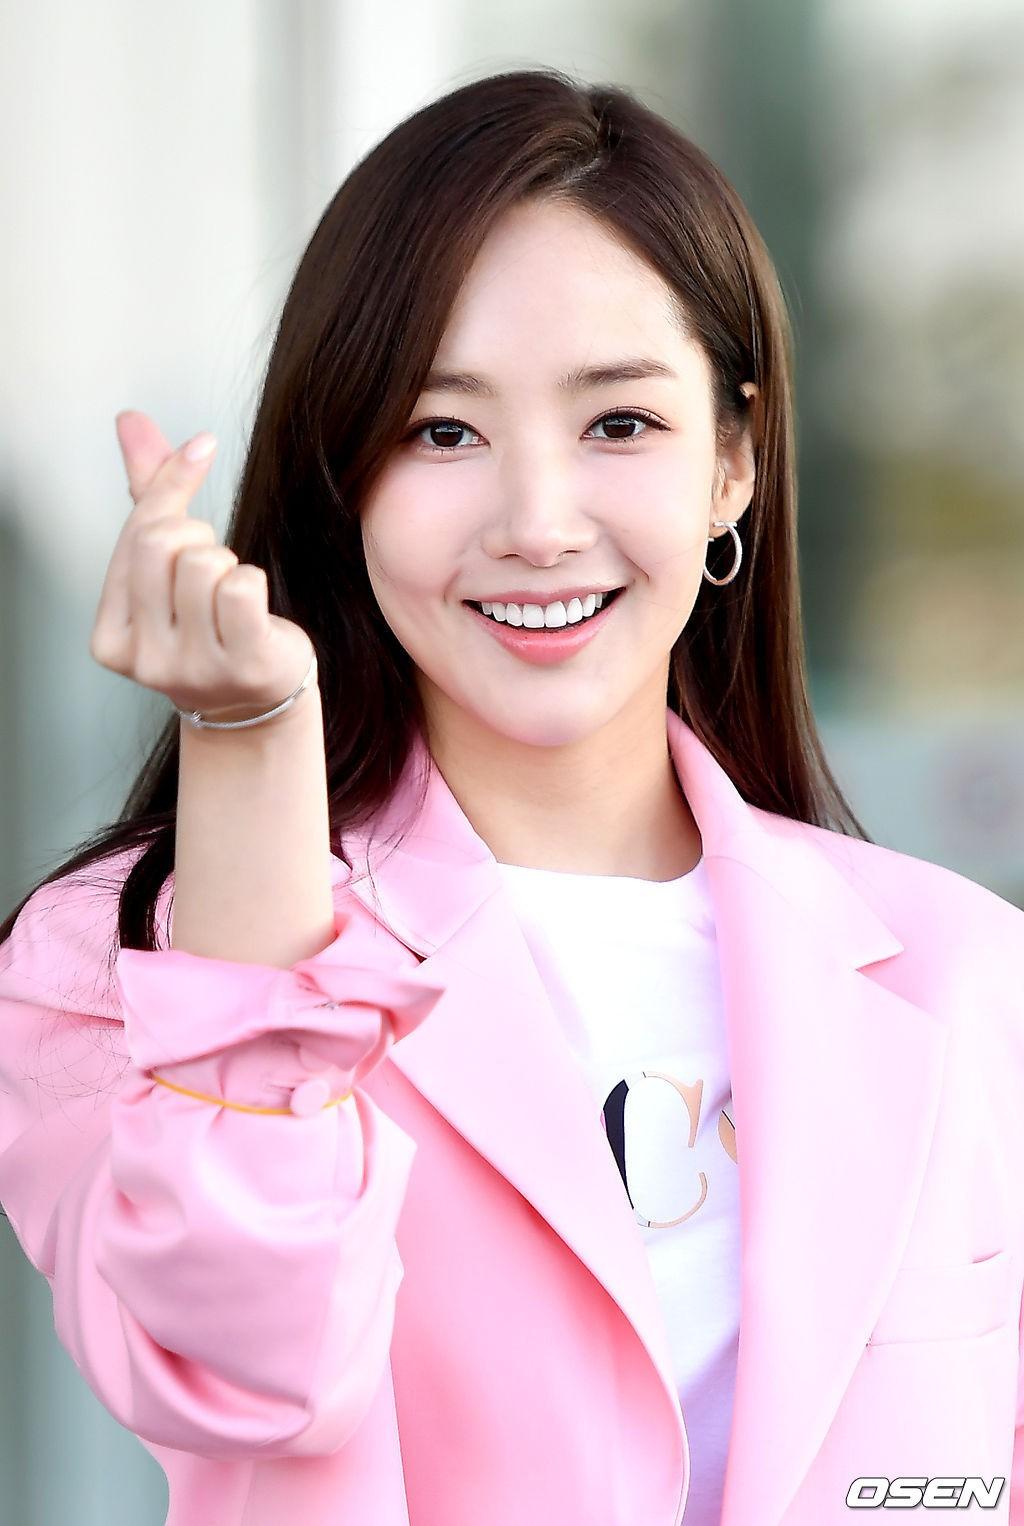 Dàn sao Hàn đình đám đổ bộ sân bay ngày Valentine: Black Pink đọ sắc Park Min Young, Park Bo Gum quá bảnh - Ảnh 19.